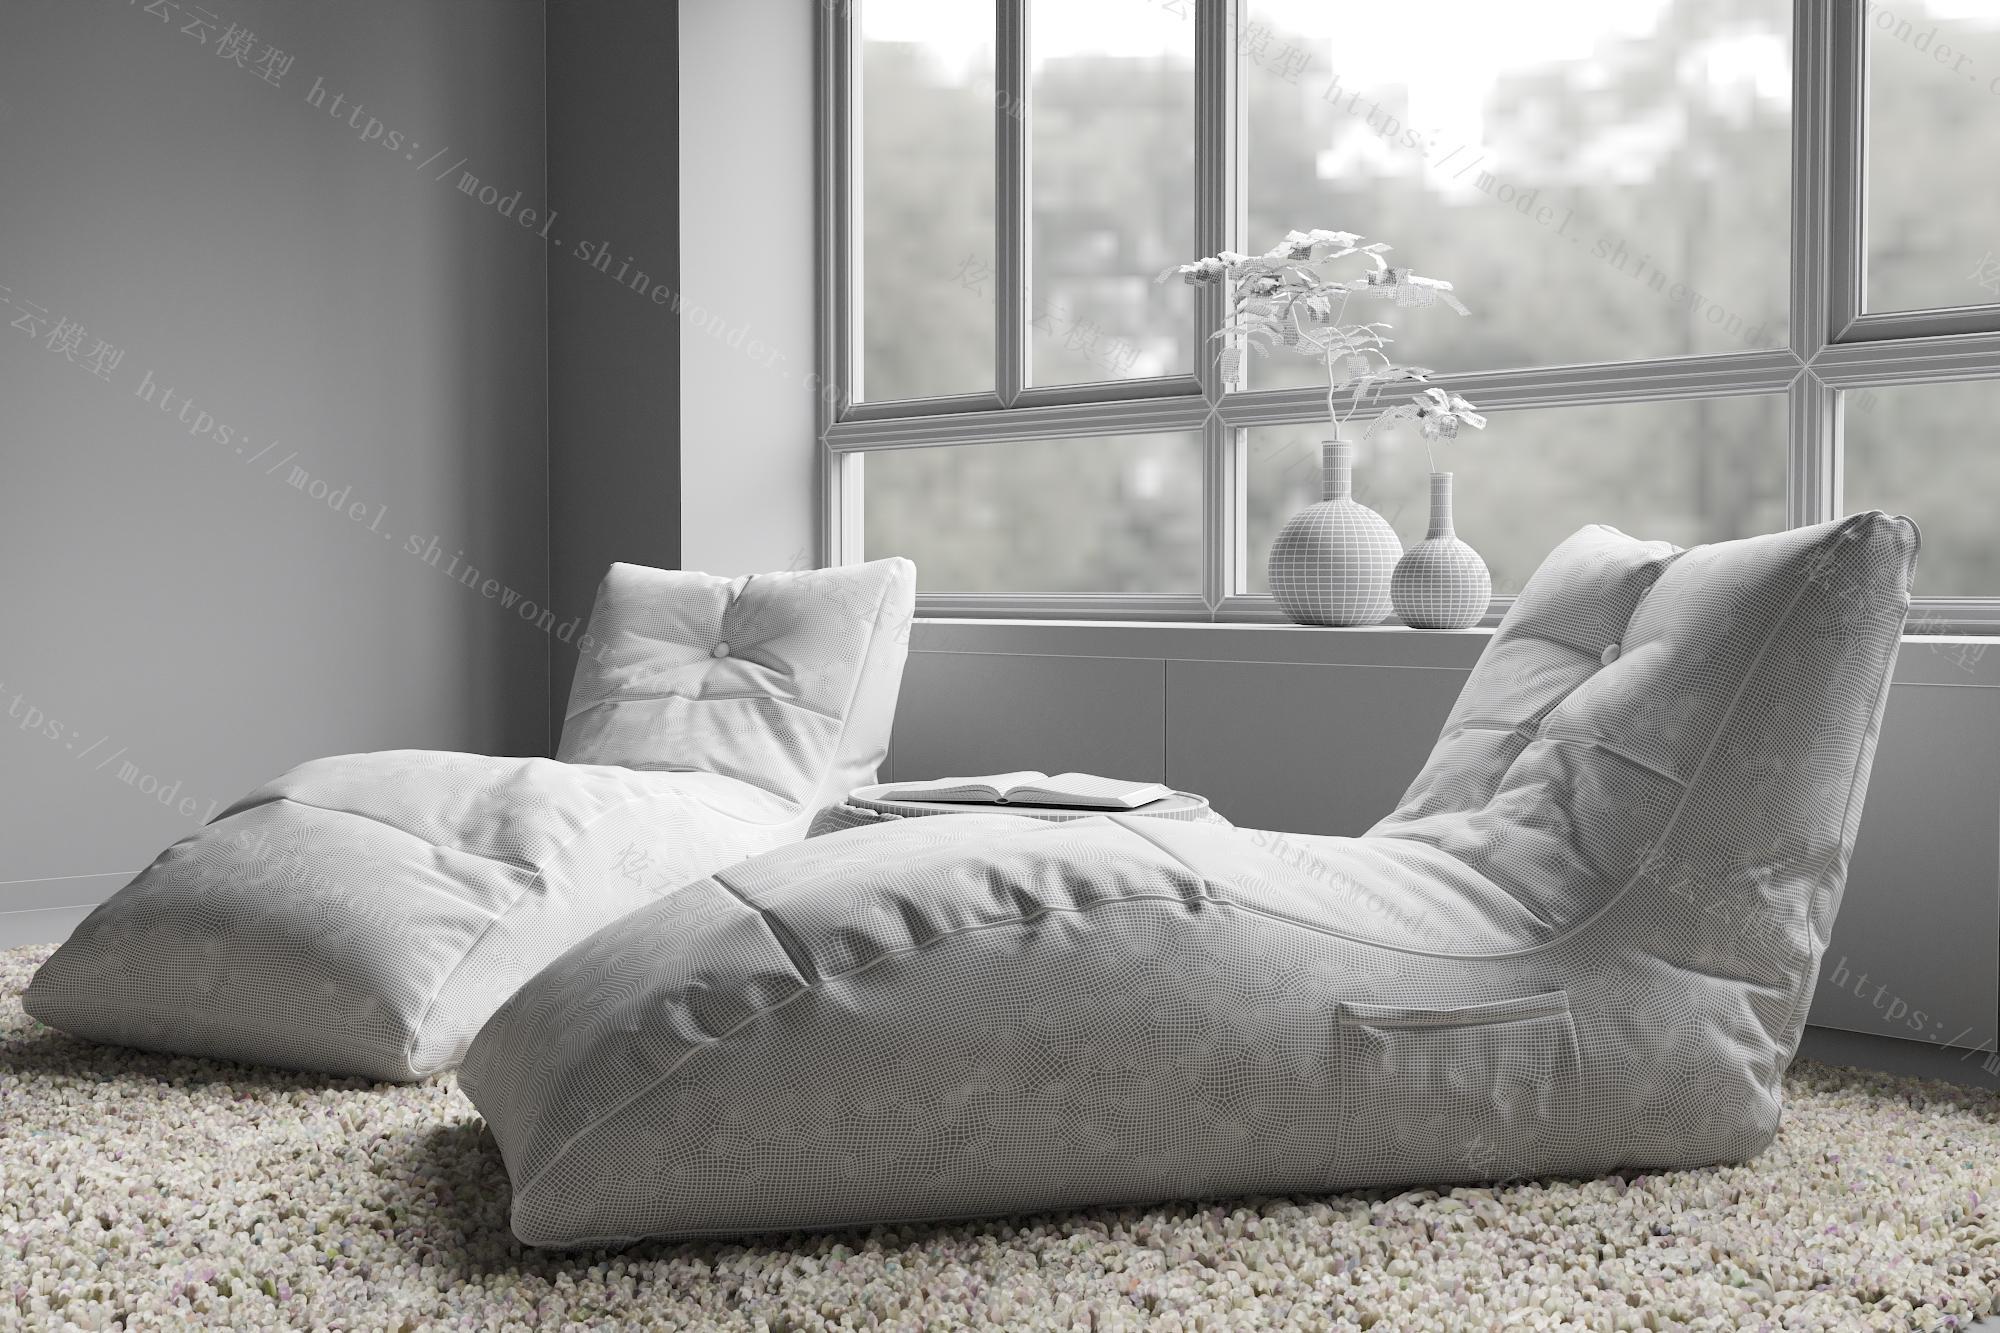 现代懒人沙发模型